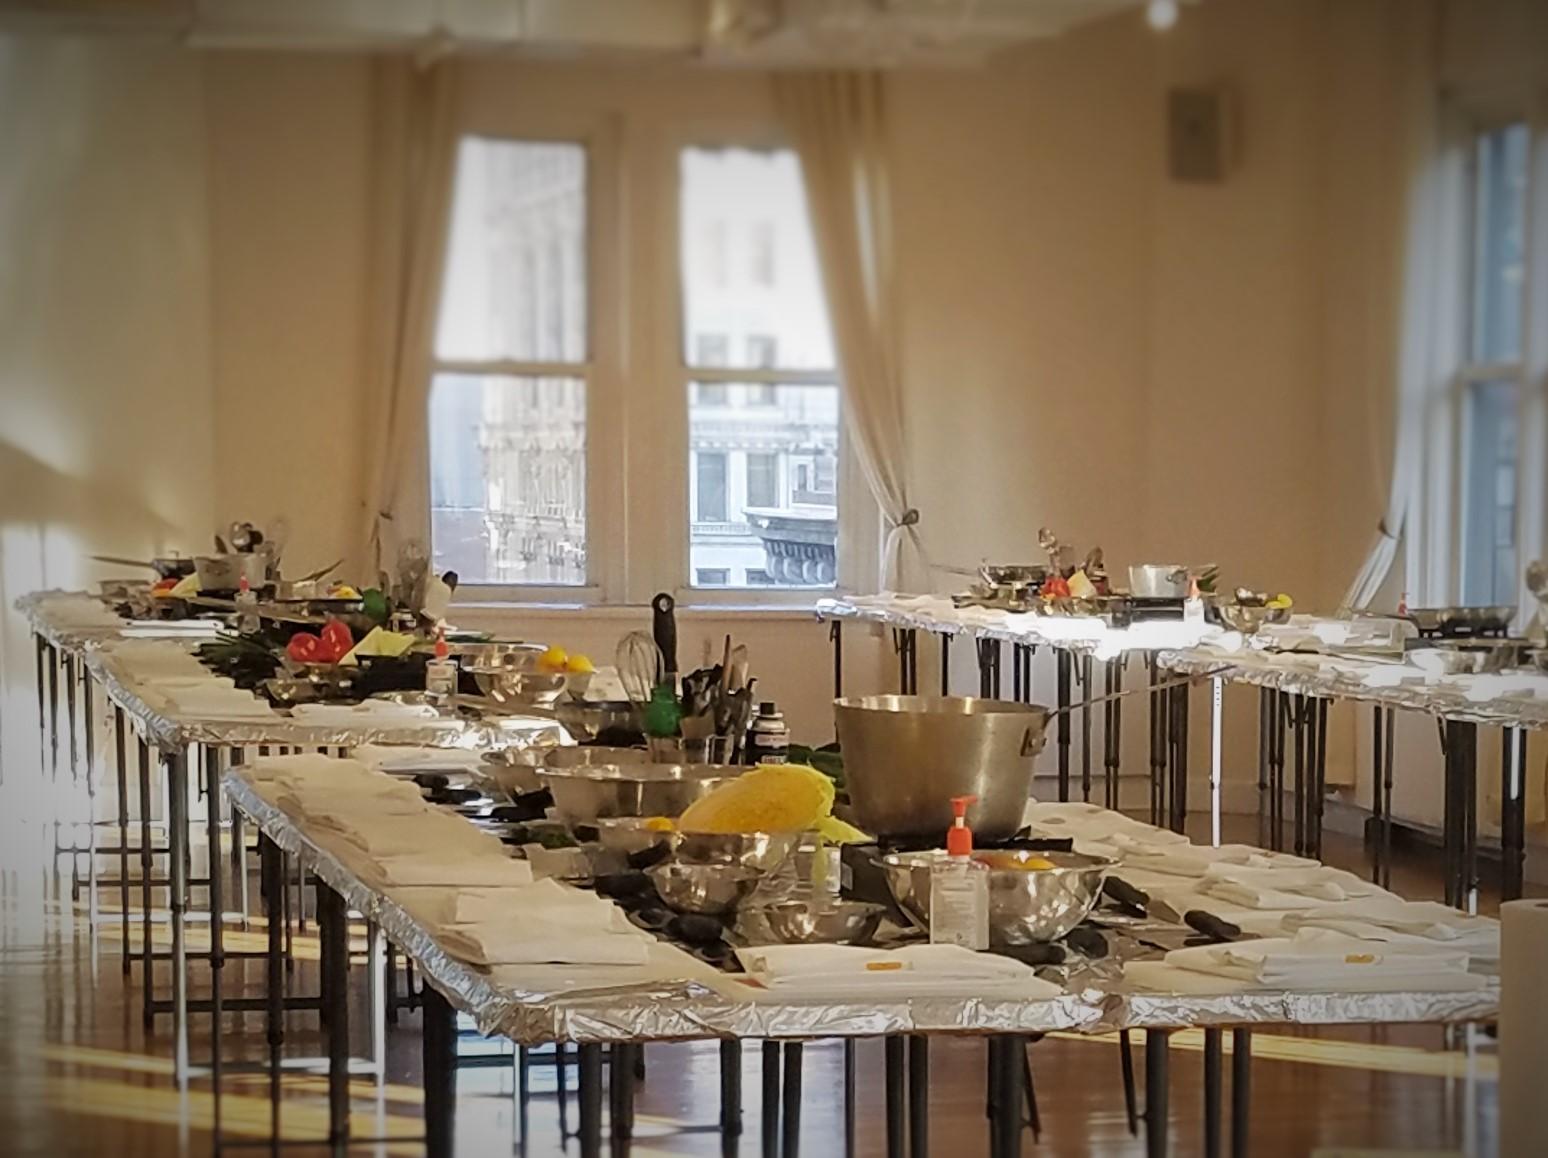 Table prep pre NYSCC event. Photo credit: Cherie Buziak